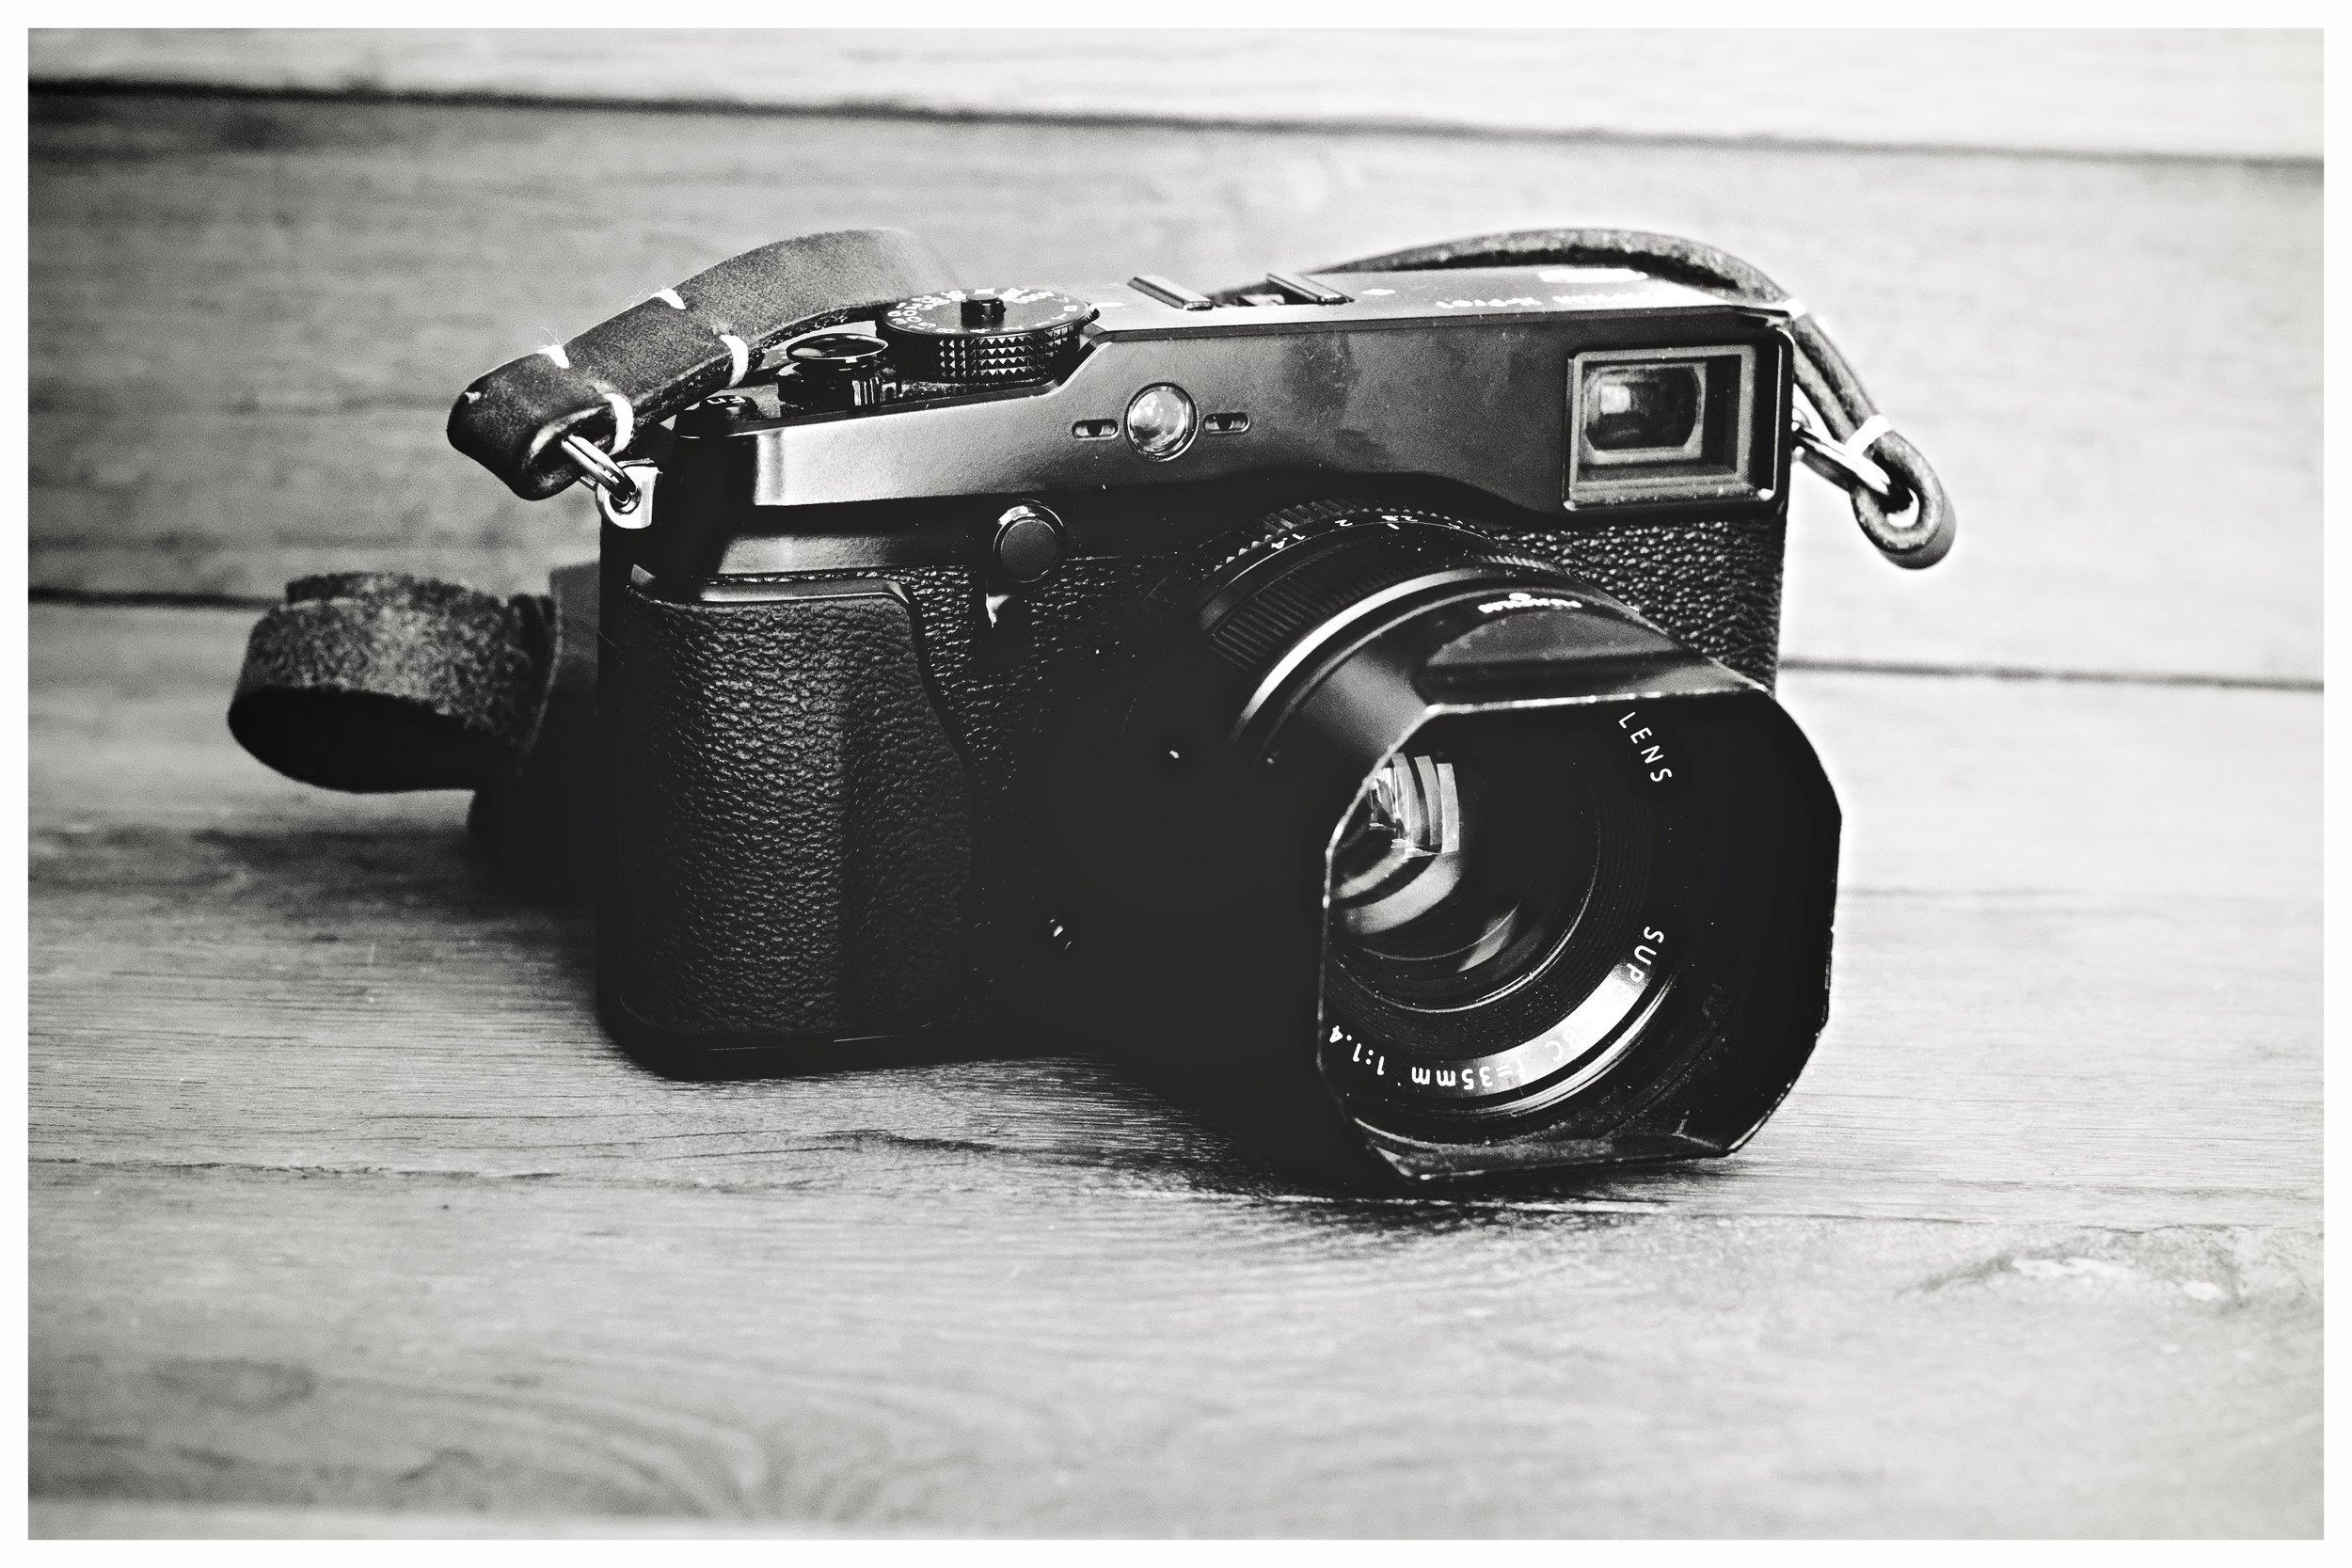 Fuji XPro1 & 35mm 1.4